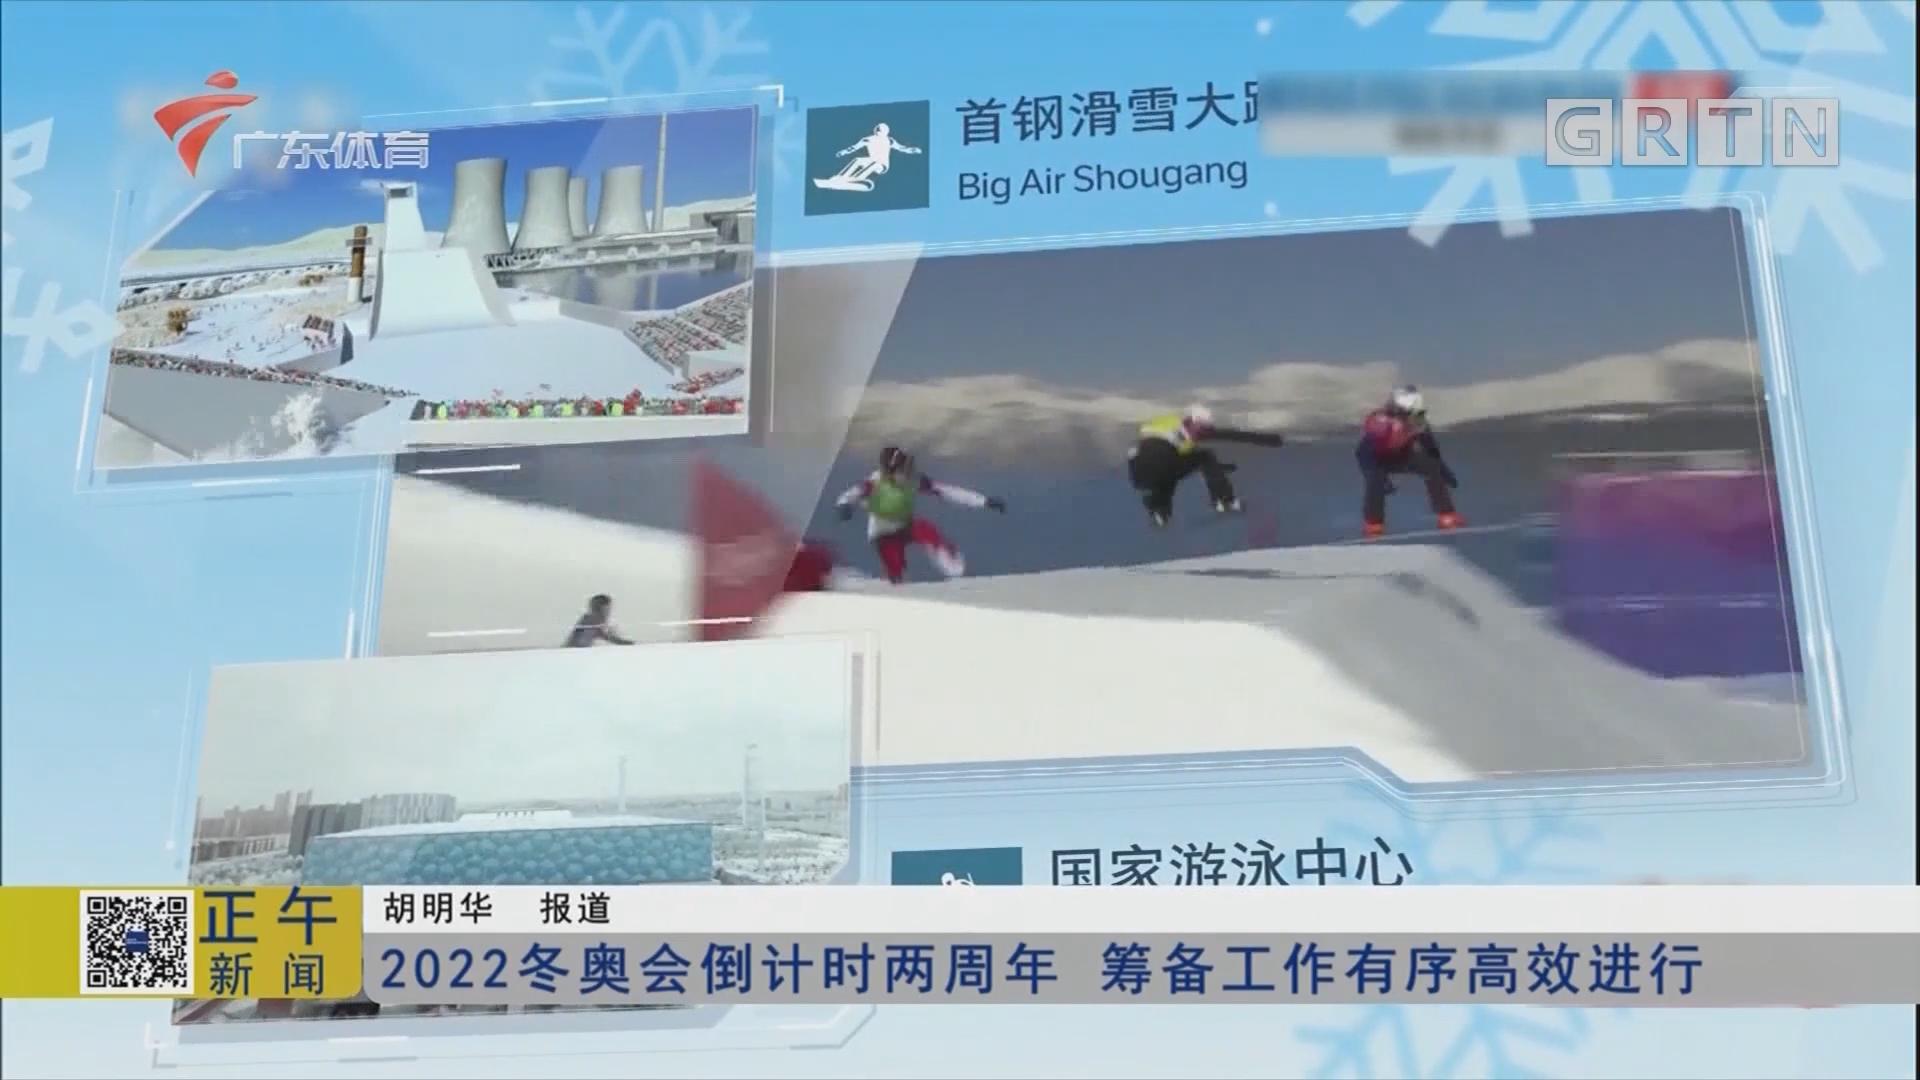 2022冬奥会倒计时两周年 筹备工作有序高效进行